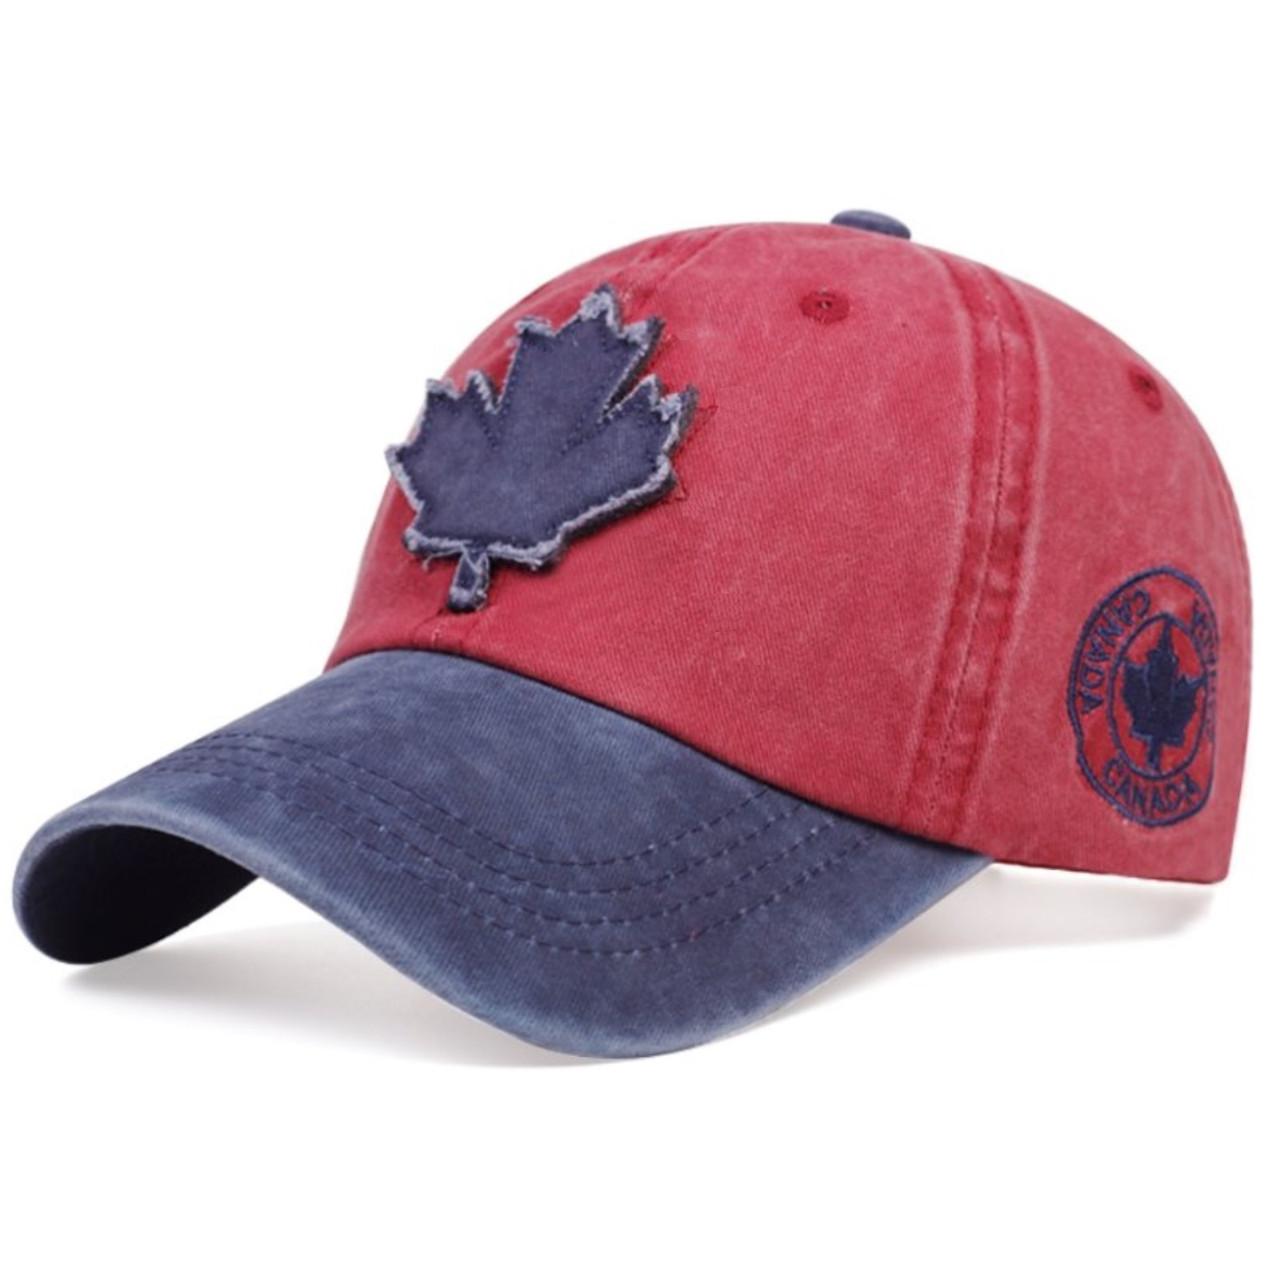 Кепка бейсболка Canada (кленовый лист) Красная 2, Унисекс